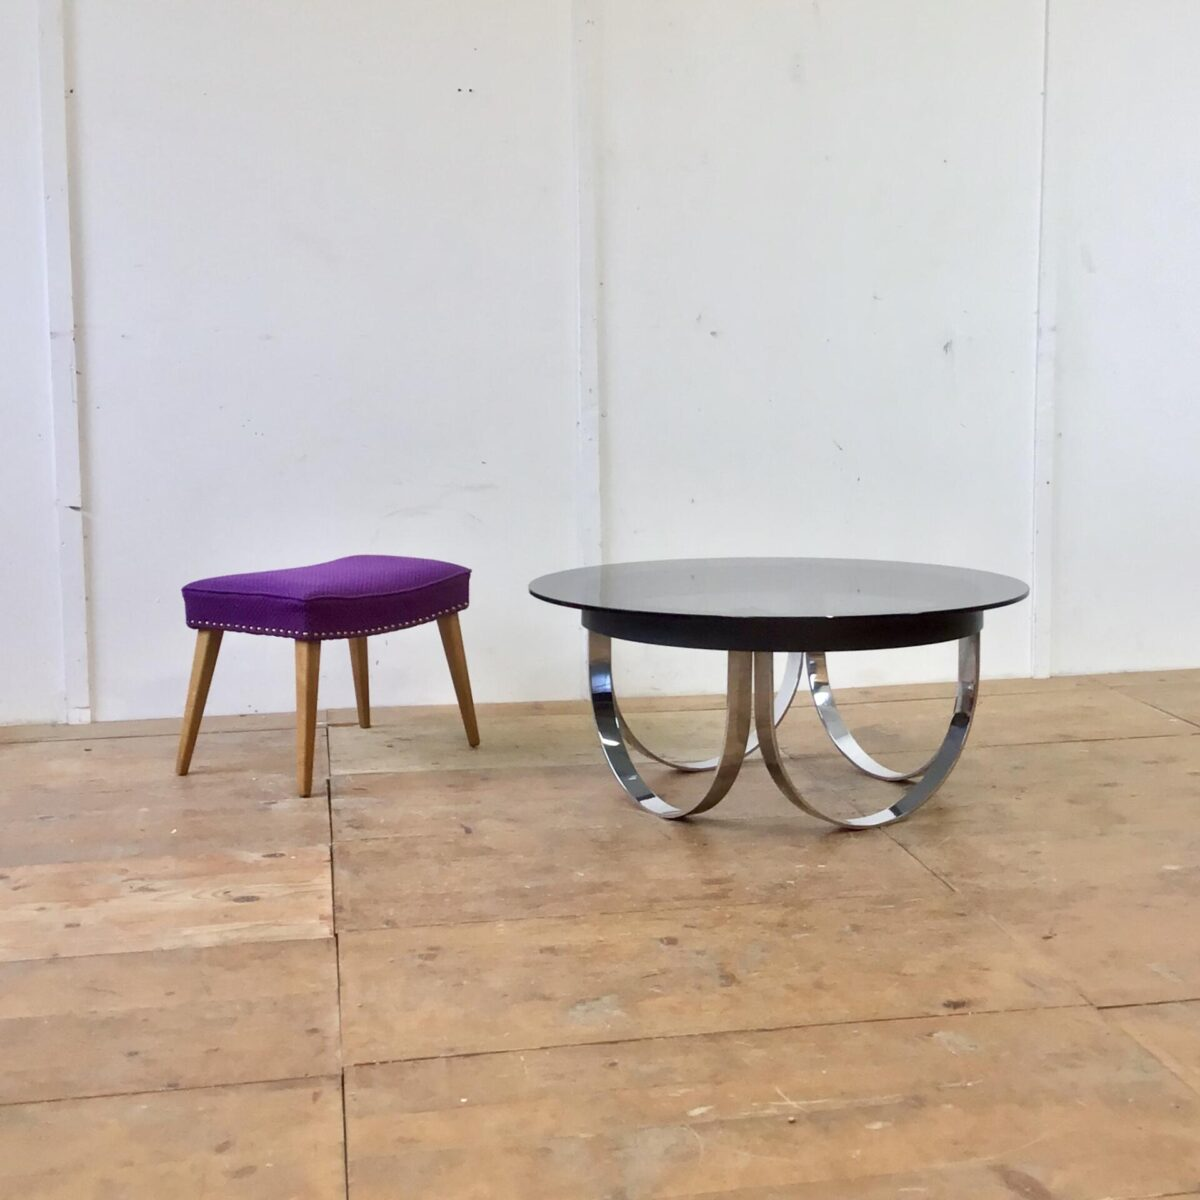 Schwerer massiver Salontisch Durchmesser 99cm Höhe 43cm. Untergestell verchromt, und schwarz lackiertem Metall Rahmen. Das Rauchglas Tischblatt liegt auf rutschfesten Puffer oben auf.